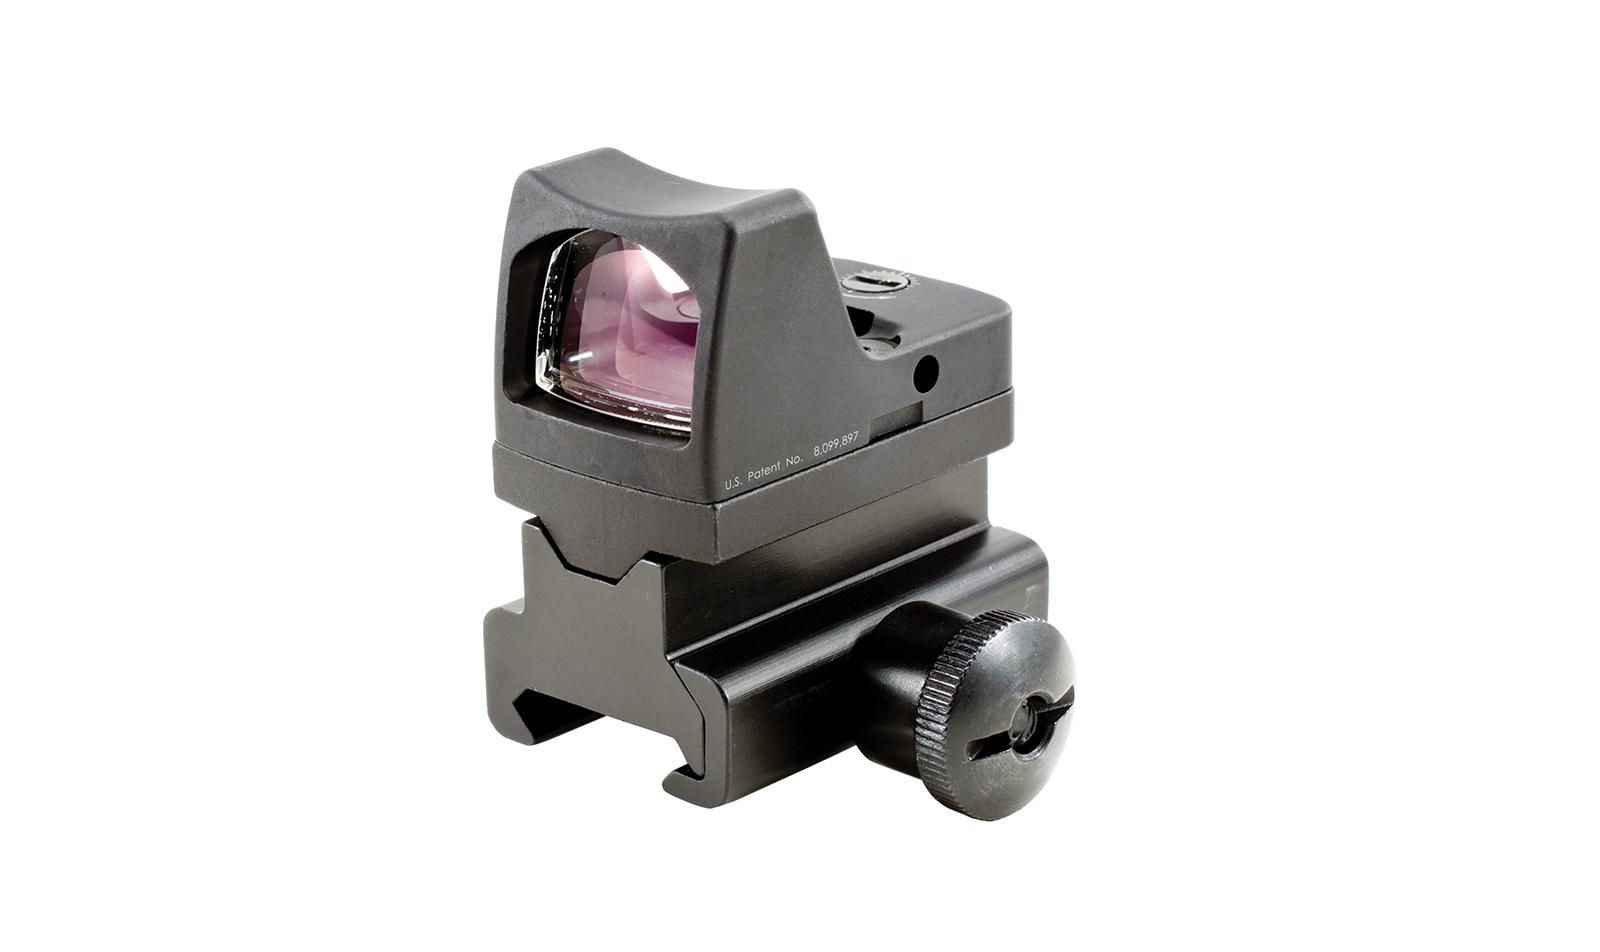 RM01-C-700602 angle 1